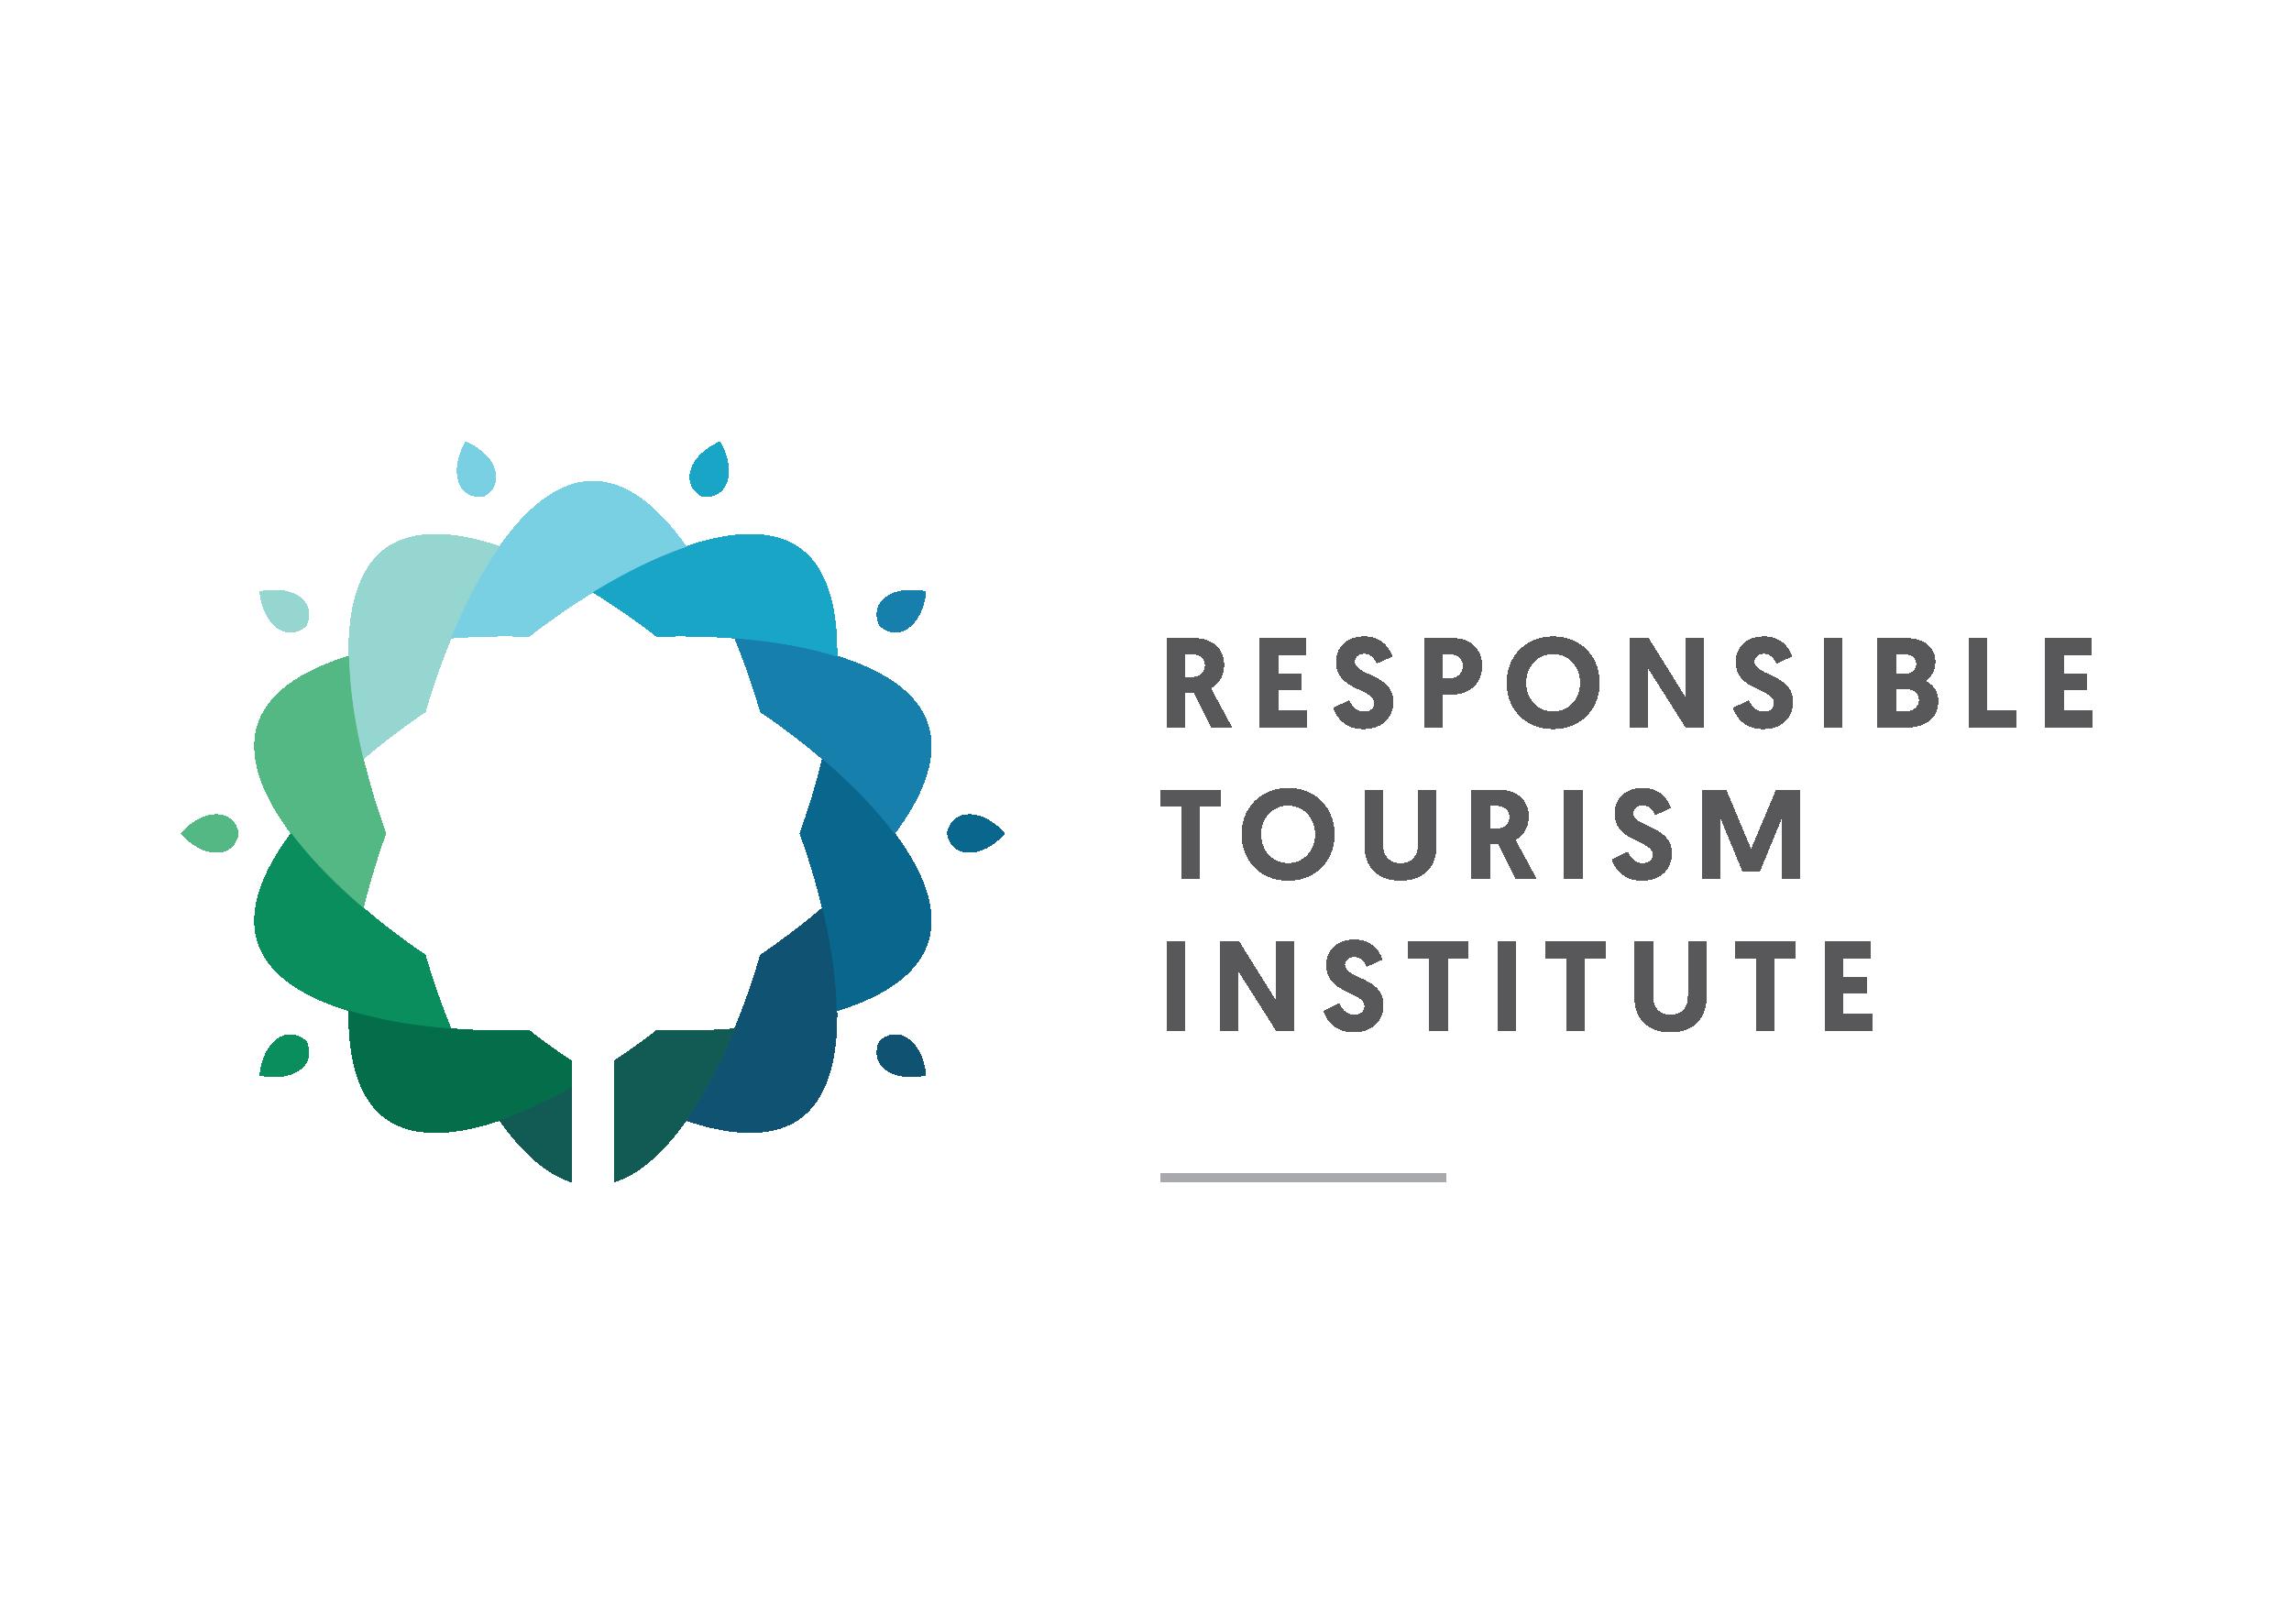 Instituto de Turismo Responsable